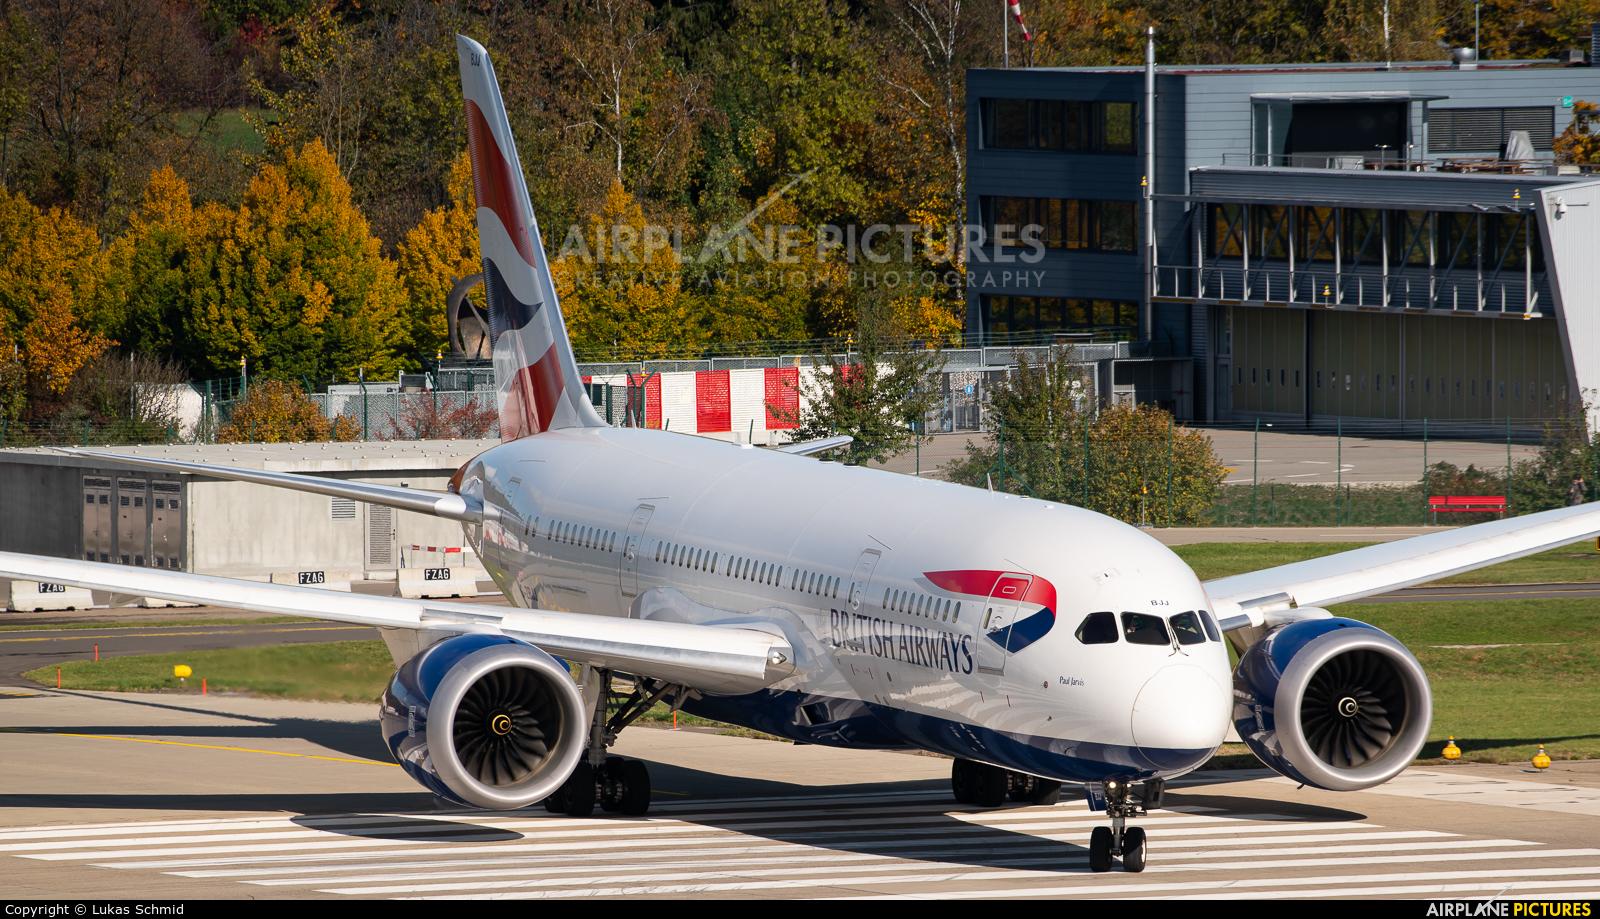 British Airways G-ZBJJ aircraft at Zurich